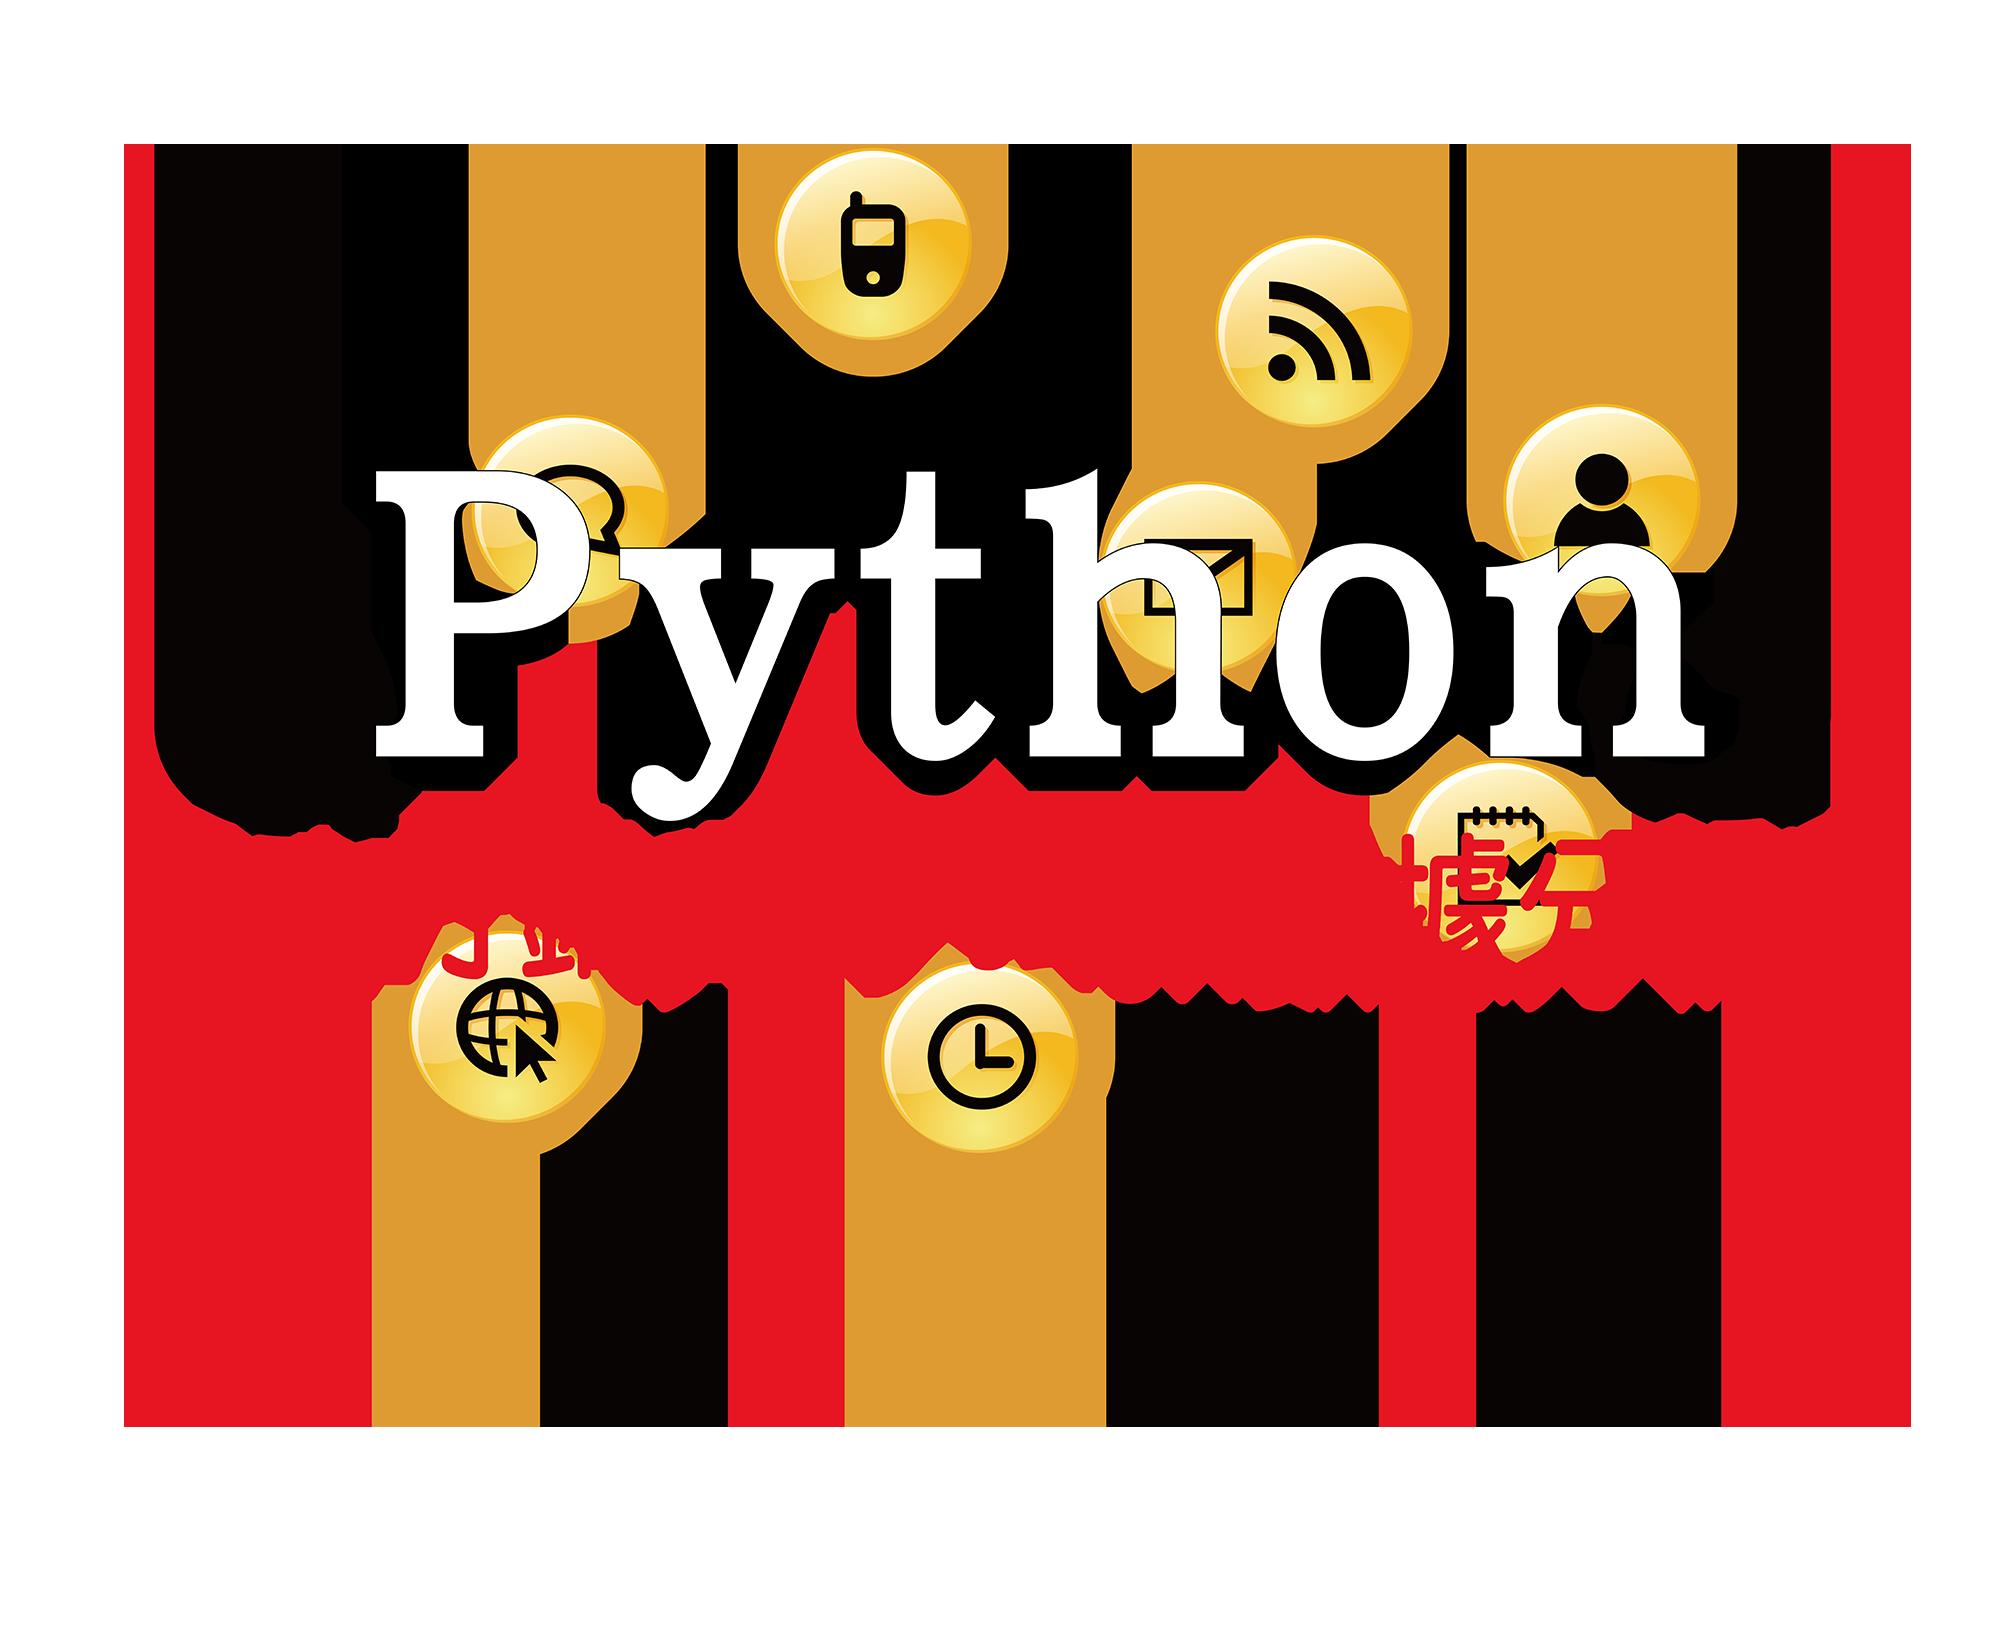 課程資訊:電商行銷與Python數據分析班 工業局補助50%